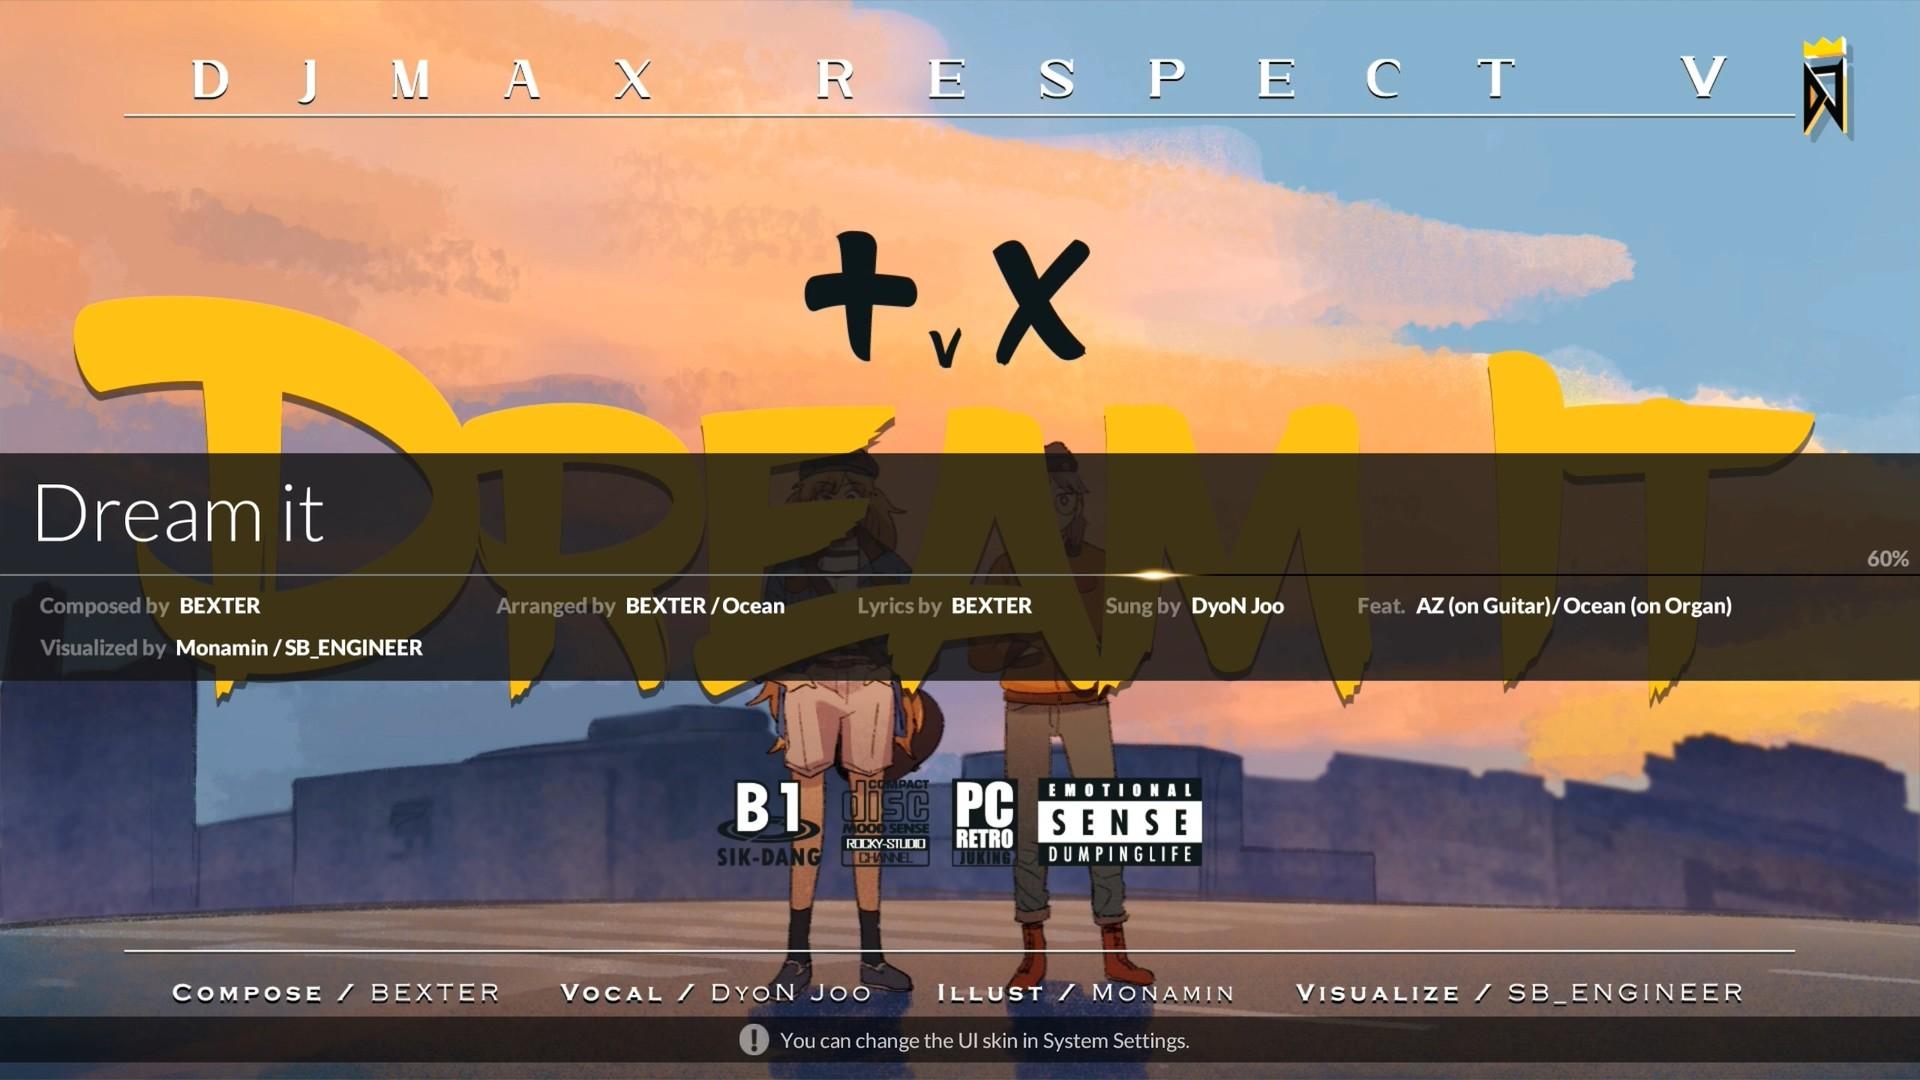 DJMAX RESPECT V - V Extension PACK